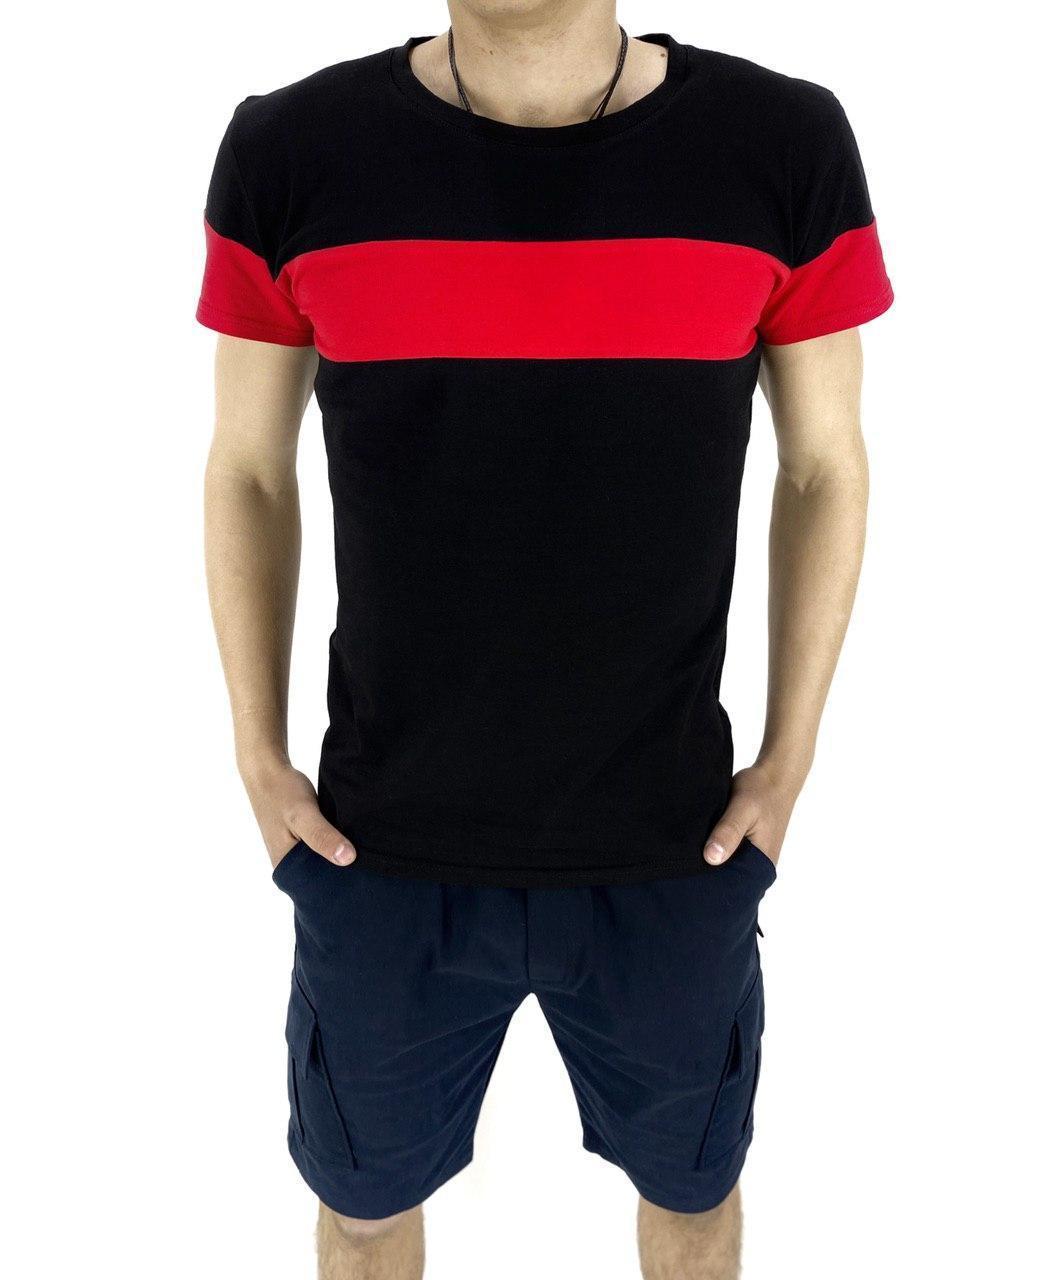 Комплект Футболка Color Stripe чорна - червоний і Шорти Miami сині SKL59-259626